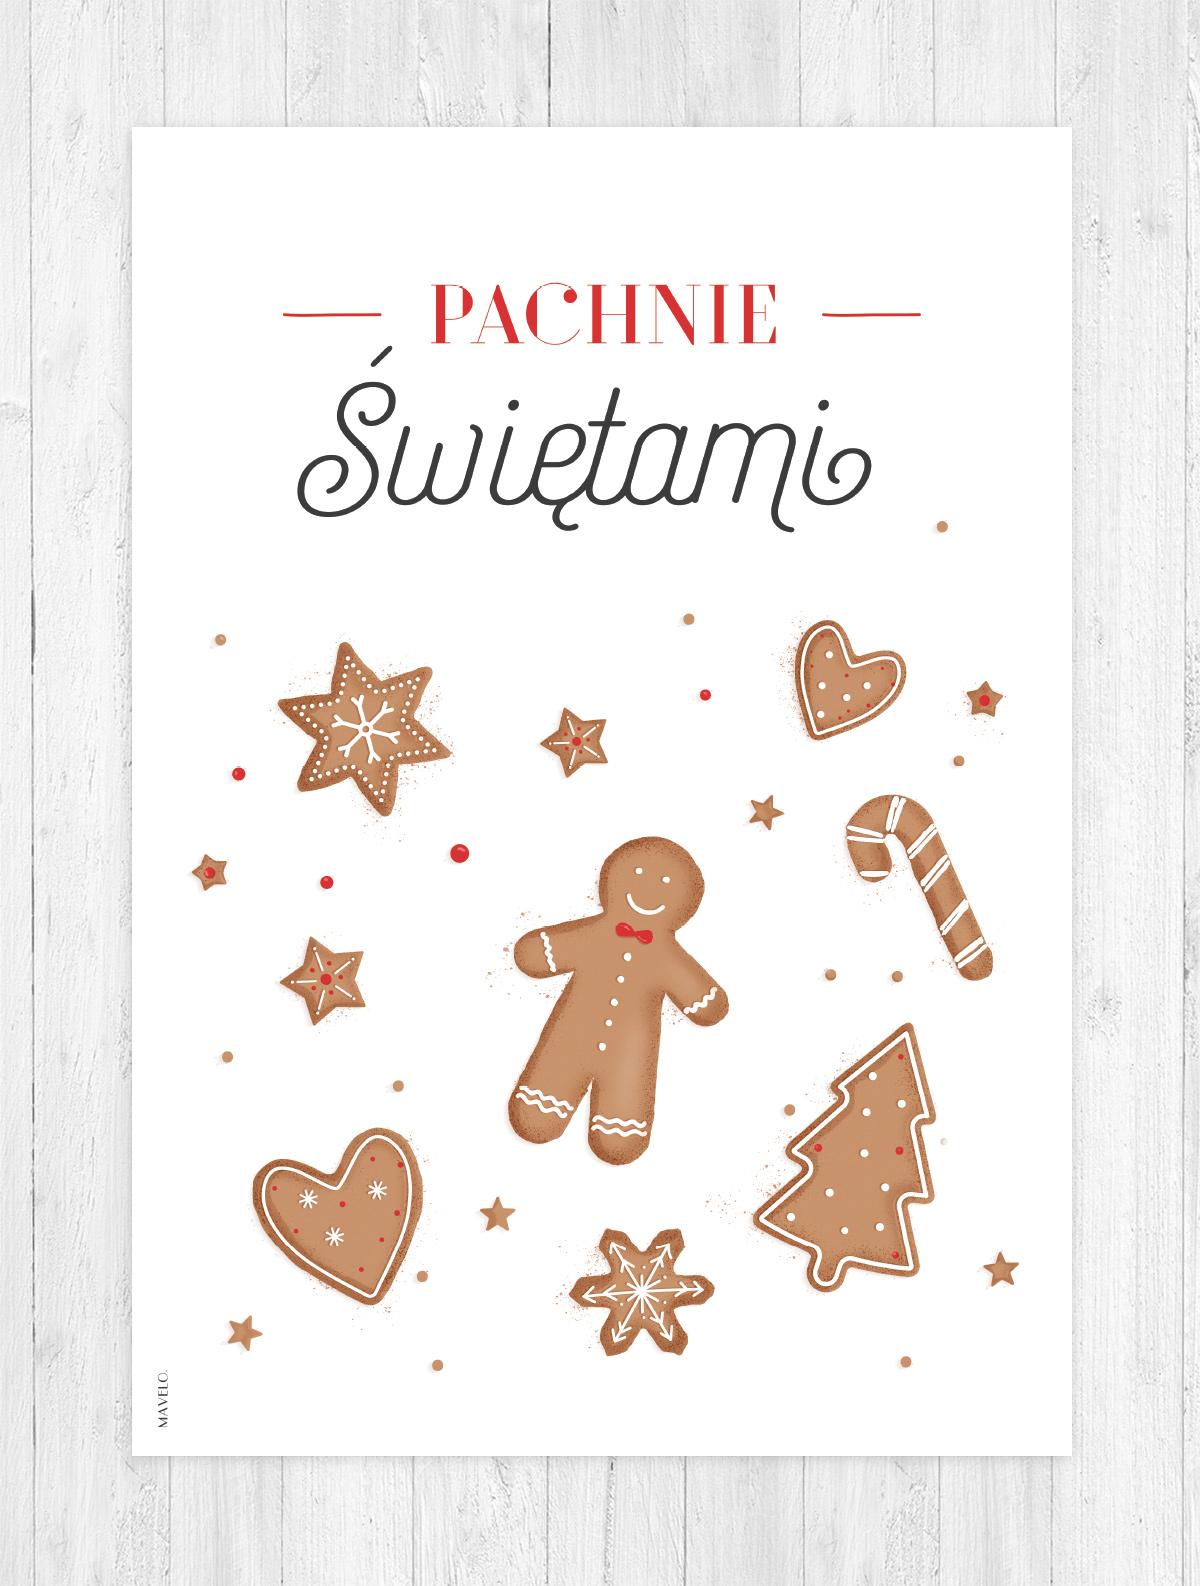 świąteczne Plakaty I Kartki Do Druku Boże Narodzenie 2017